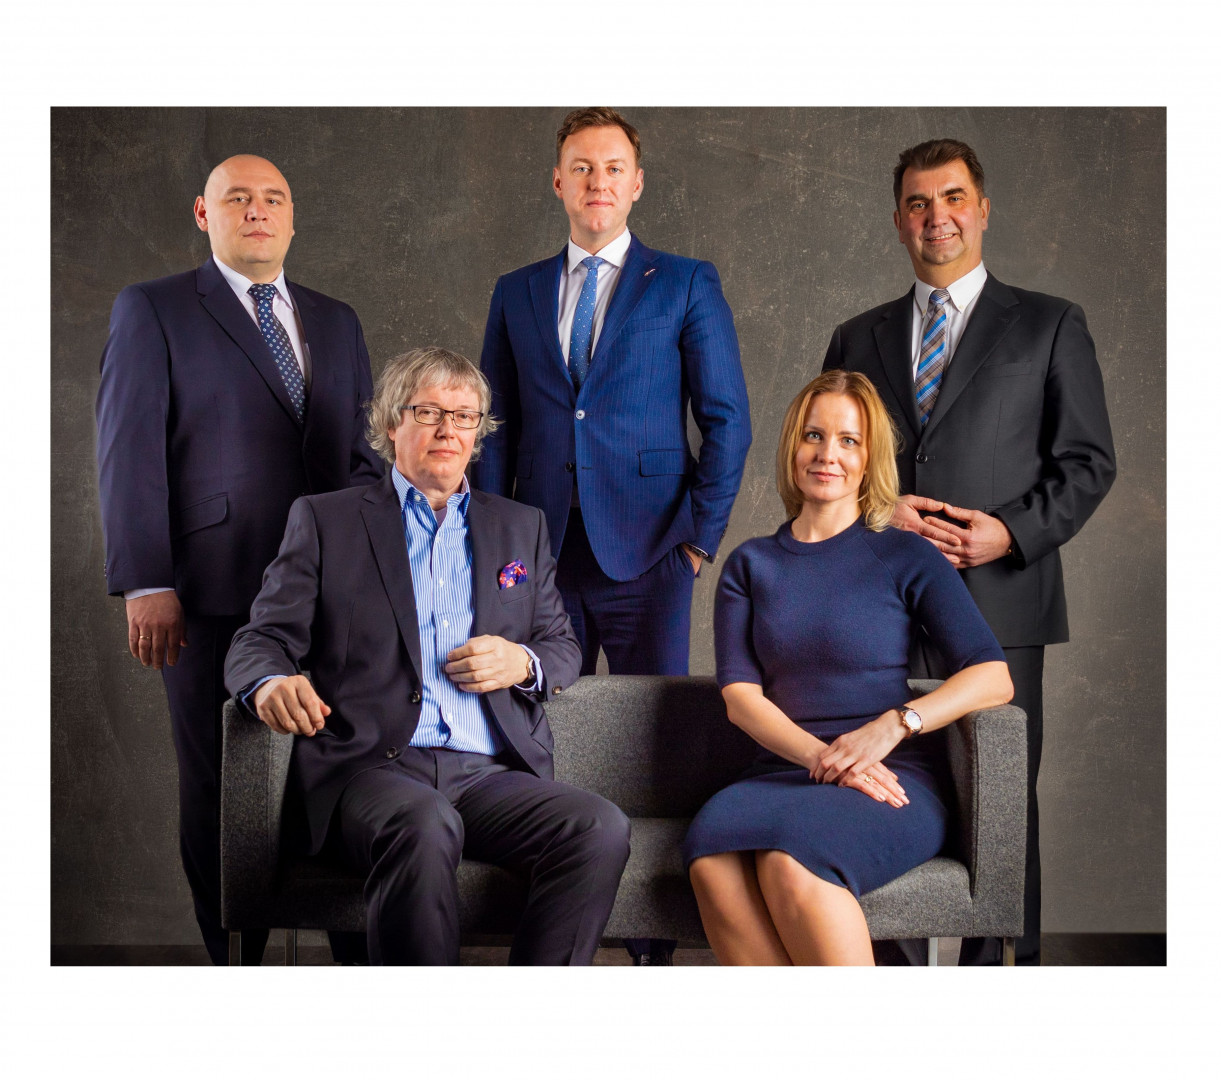 Nowy zarząd firmy Meble Wójcik. Stoją od lewej: Andrzej Lada-Kubala, Piotr Wójcik, Winicjusz Iwański. Siedzą od lewej: Jochen Horn, Katarzyna Wójcik-Borsukowicz. Fot. Meble Wójcik